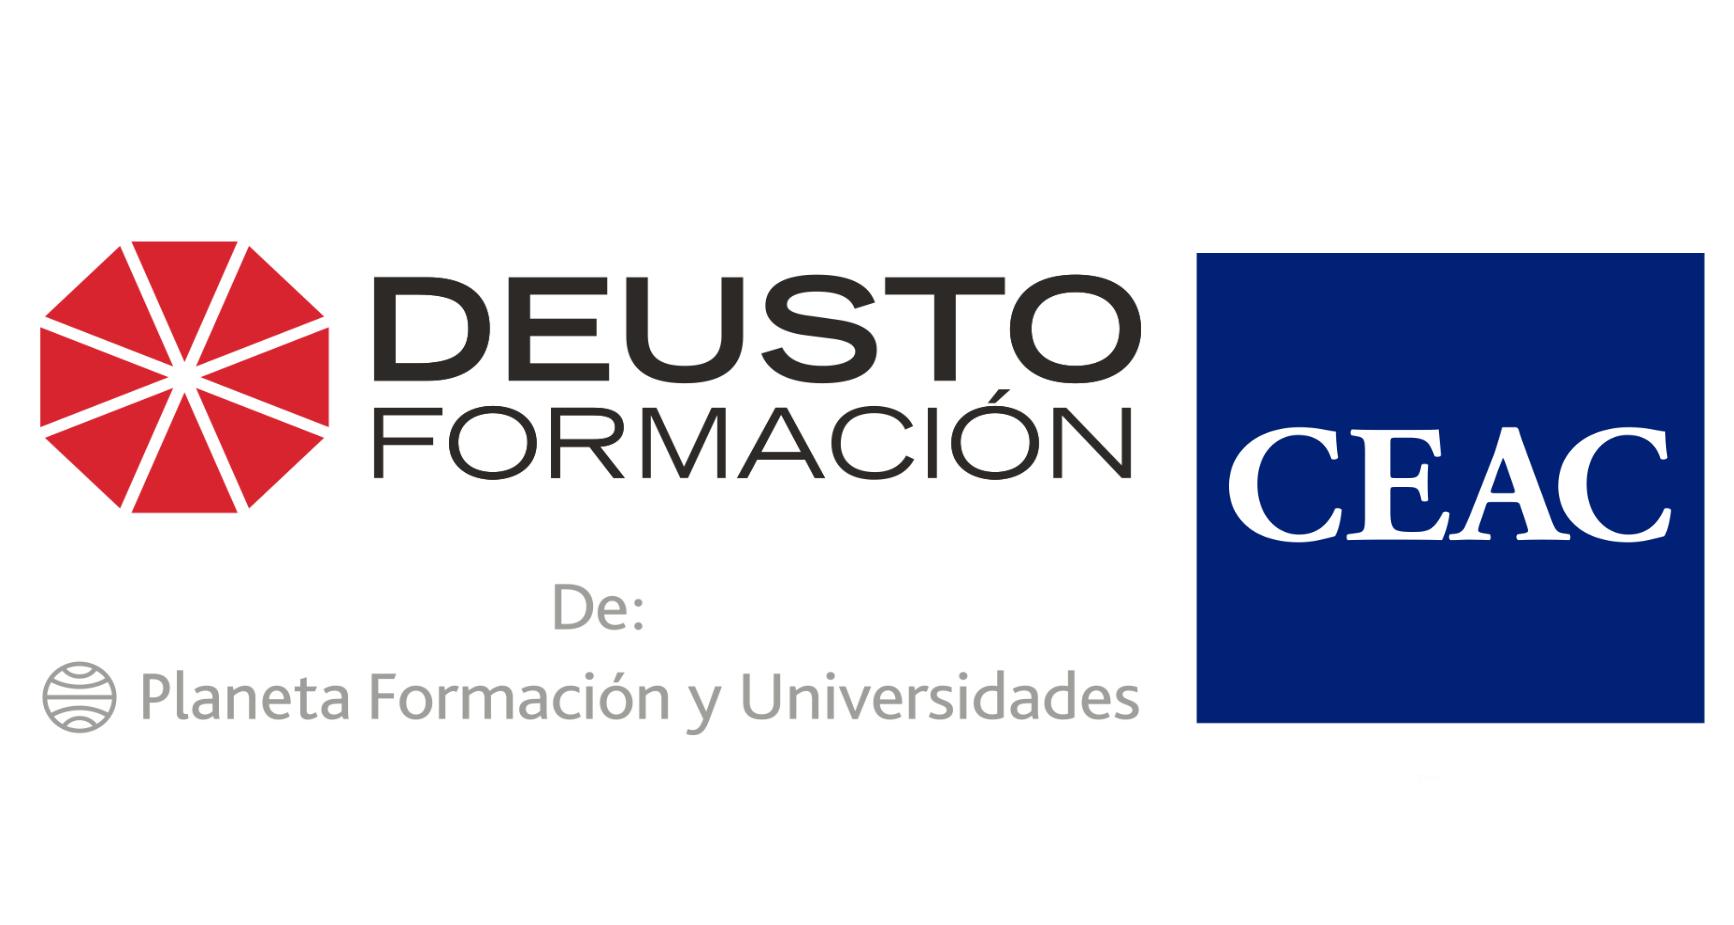 Convenio de colaboración con DEUSTO FORMACIÓN y CEAC